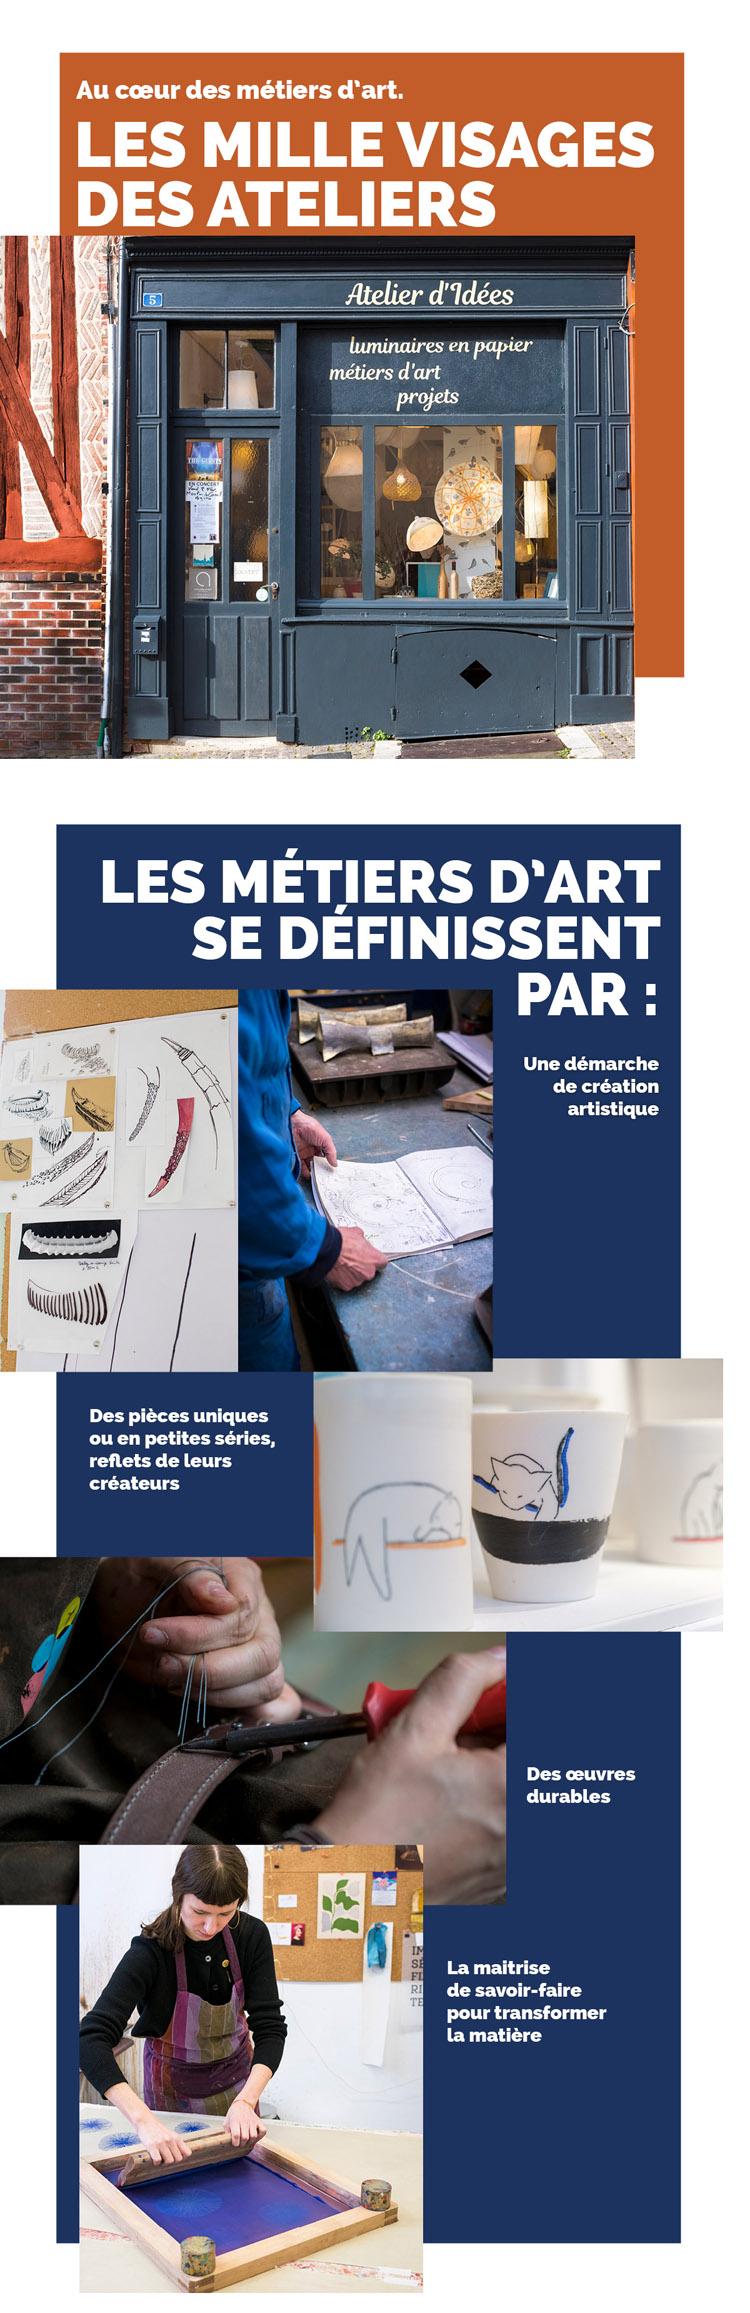 Infographie Ateliers d'Art de France métiers d'art Ateliers